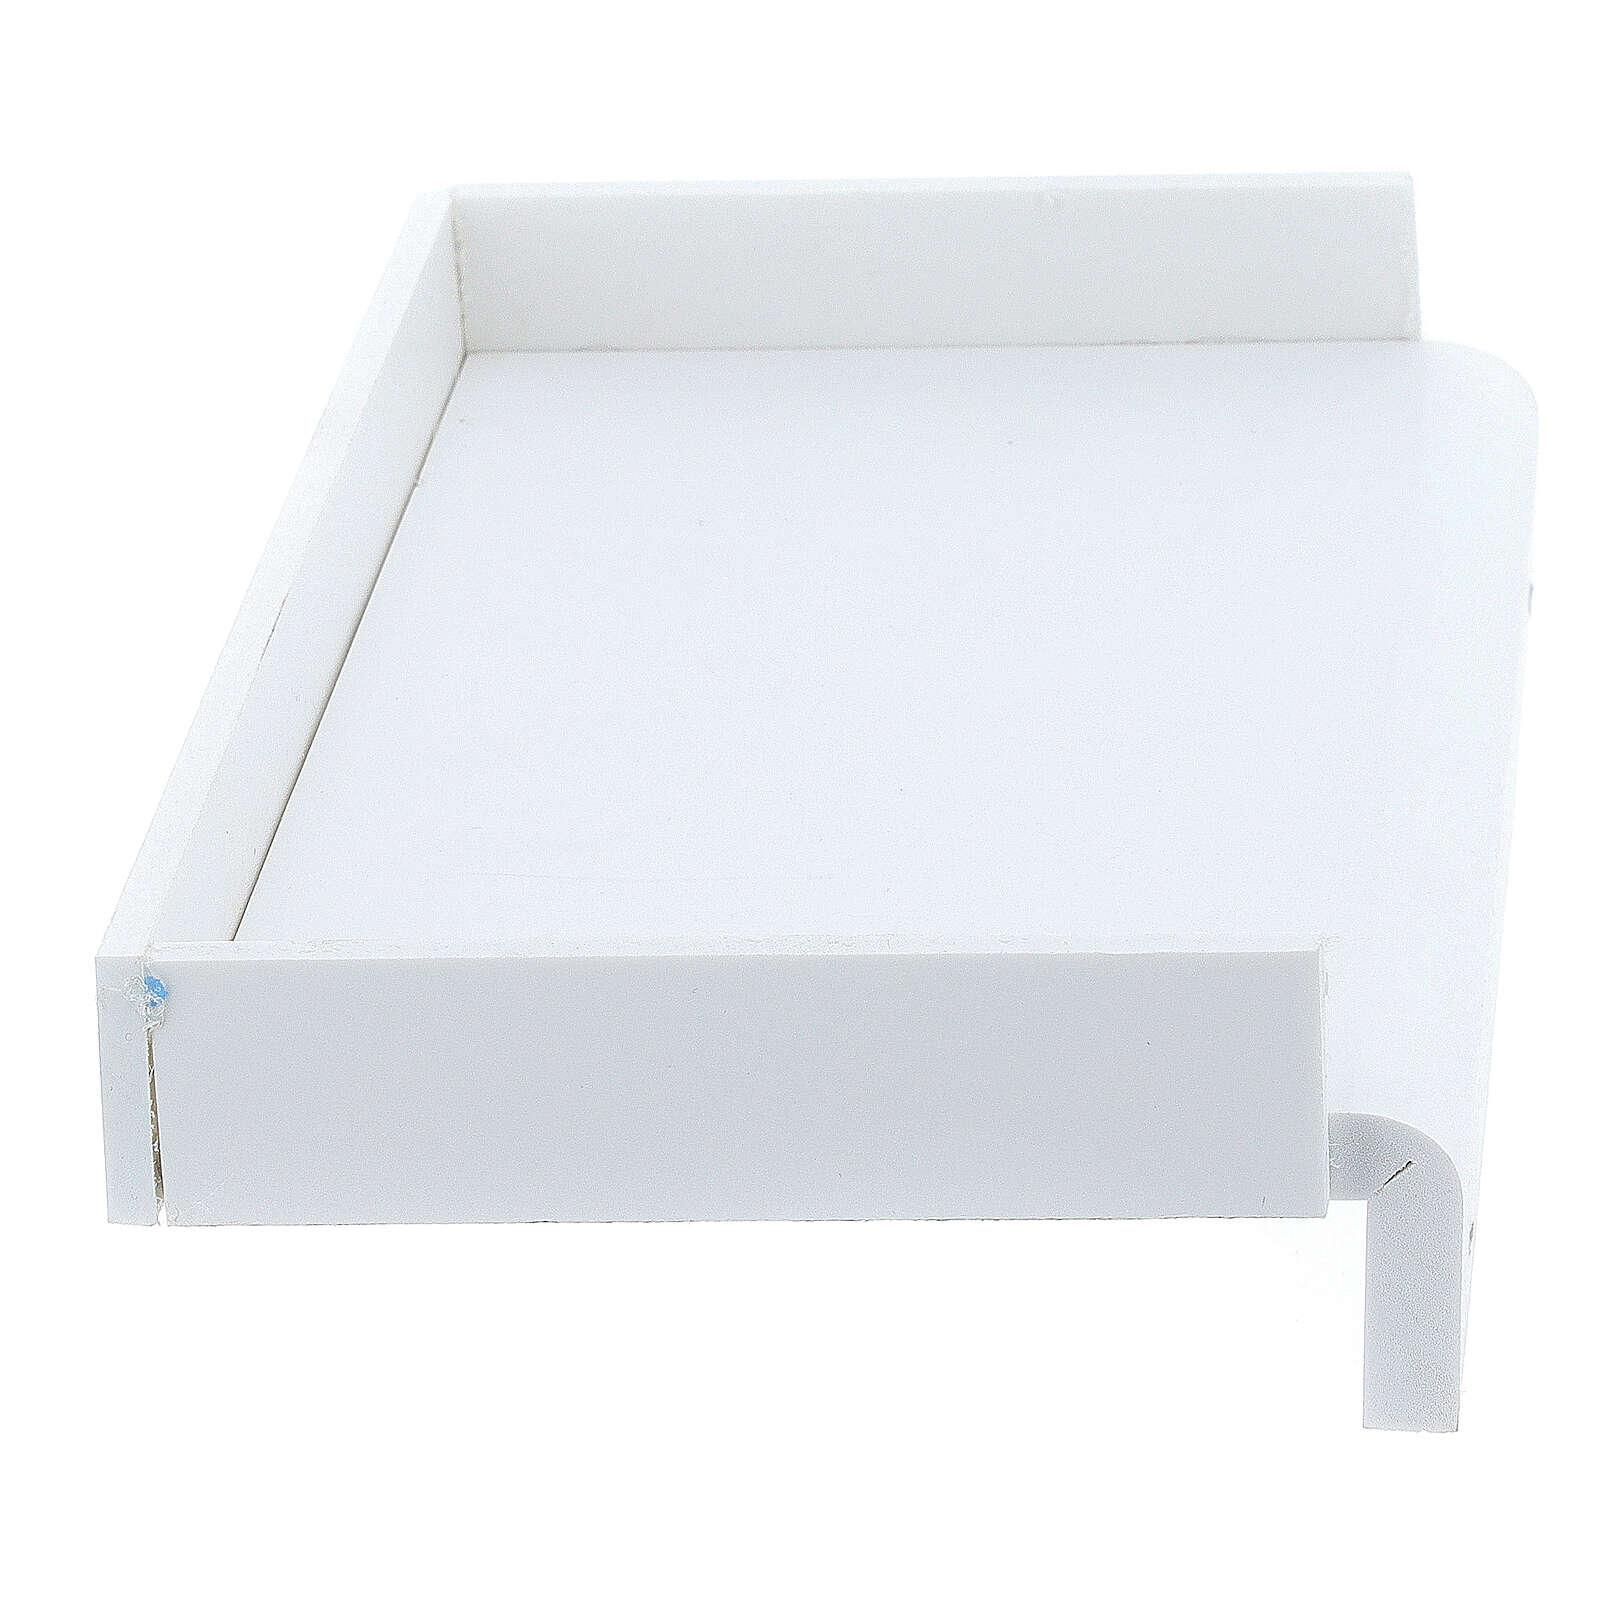 Estante para caixa de luvas 14x17 cm forex com parafusos para coluna PF000003 3